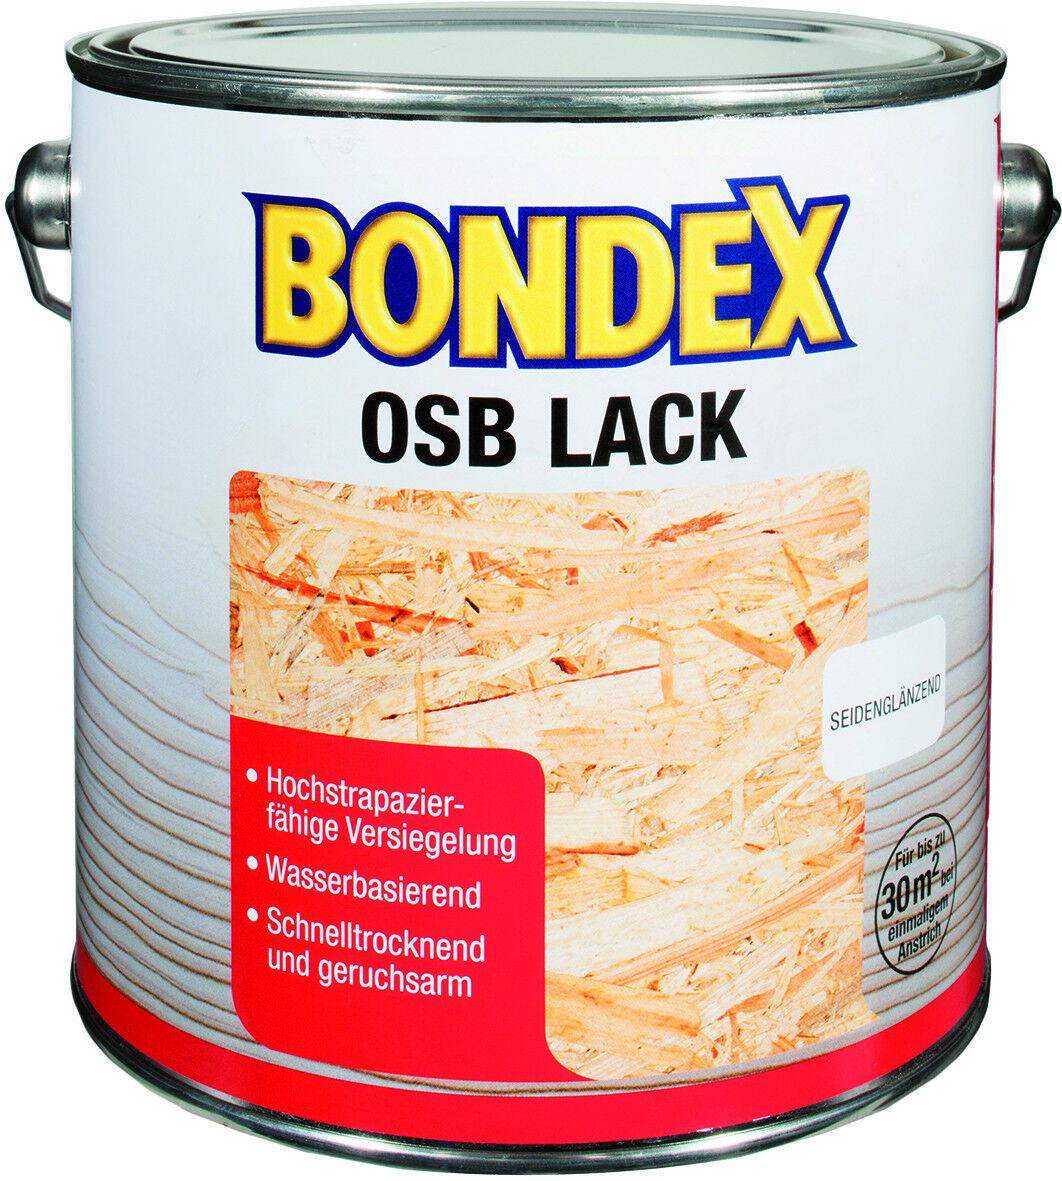 bondex osb lack seidenglänzend 2,5 l versiegelung für osb-platten